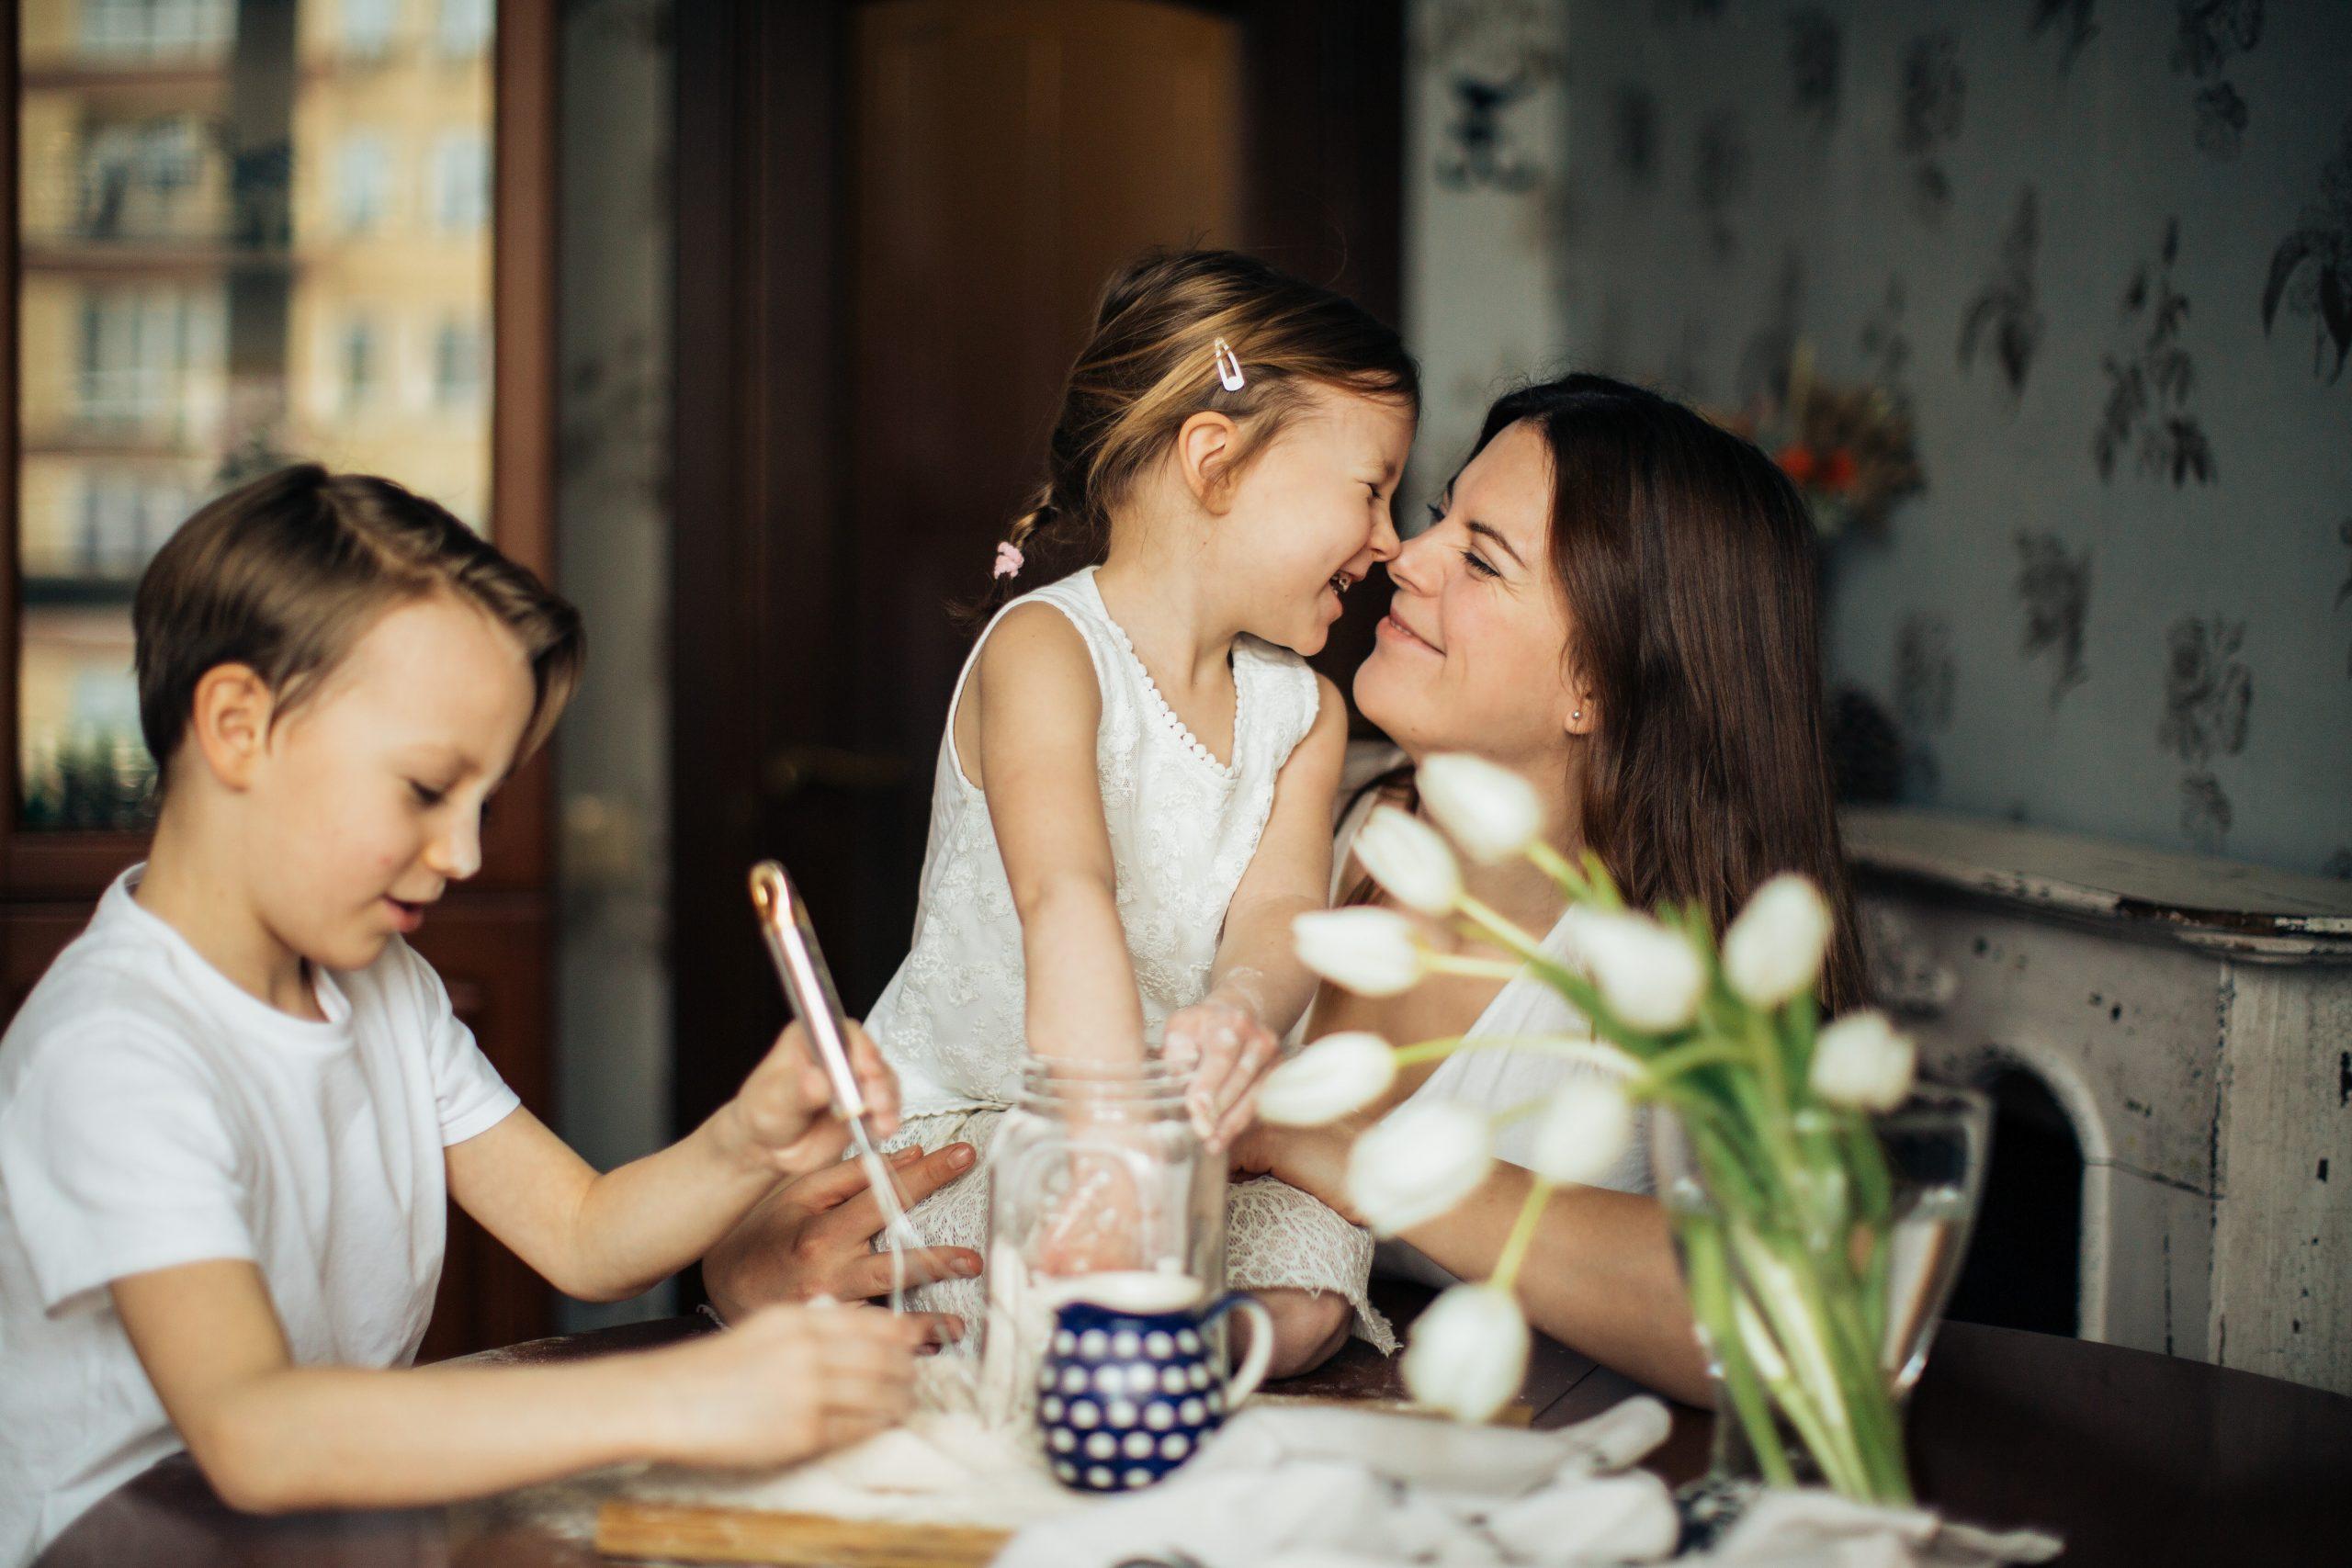 parenting secret to convince child